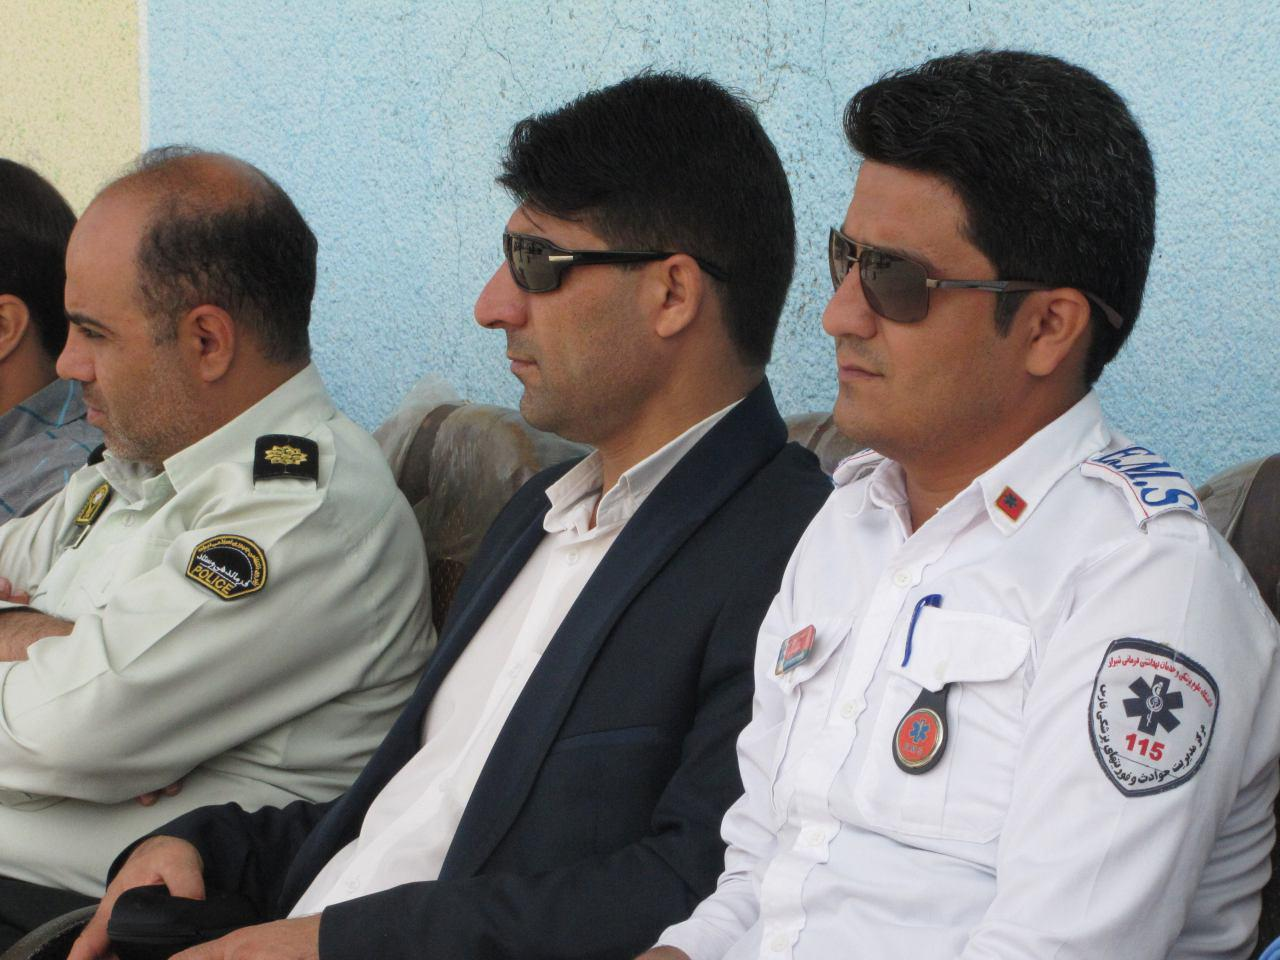 photo_2017-11-07_14-22-13 برگزاری رزمایش پدافند غیرعامل در شهرستان فراشبند